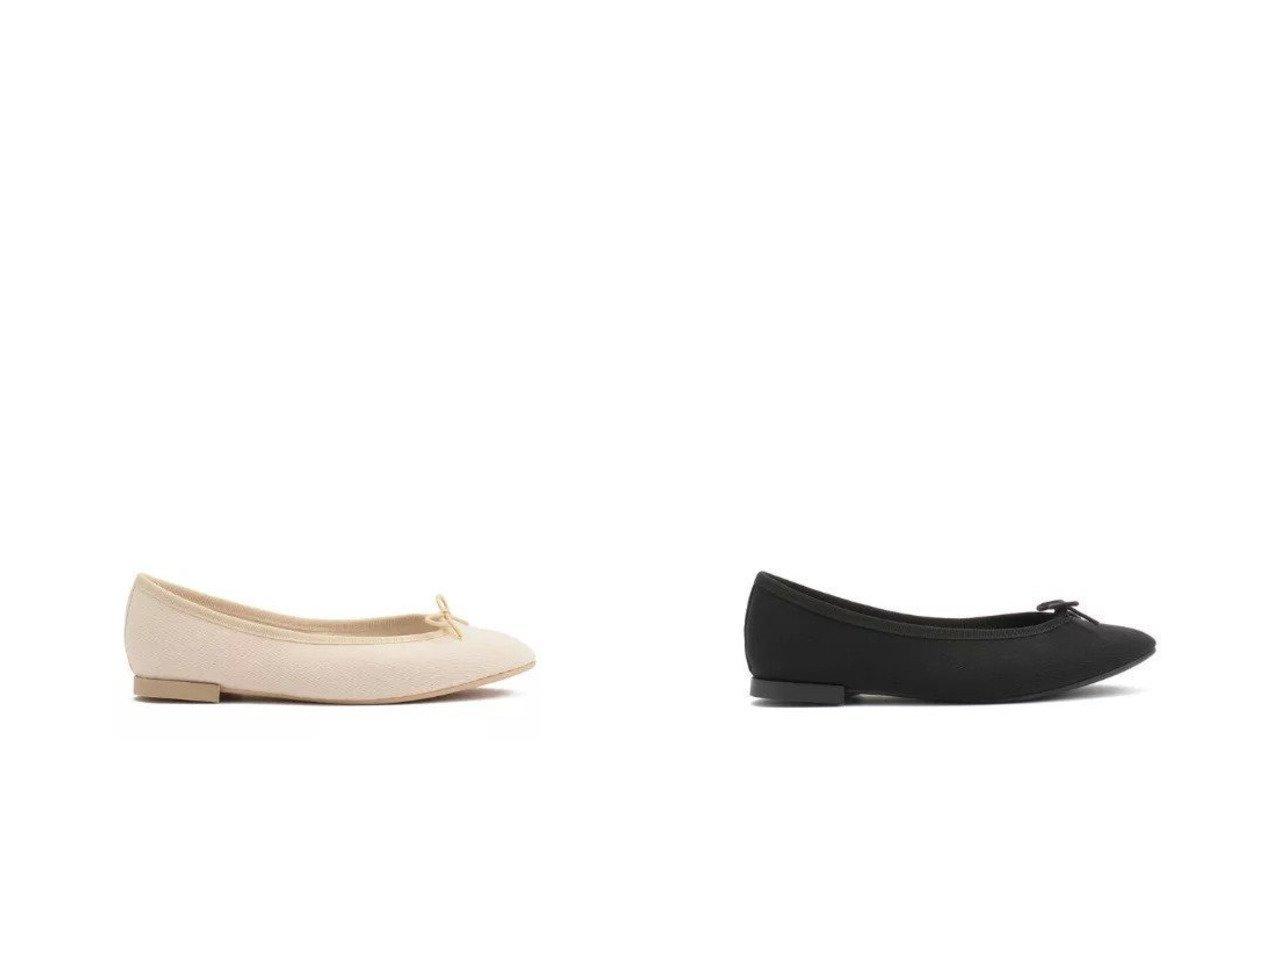 【repetto/レペット】のLili Haute Ballerinas&Lili Haute Ballerinas シューズ・靴のおすすめ!人気、レディースファッションの通販  おすすめで人気のファッション通販商品 インテリア・家具・キッズファッション・メンズファッション・レディースファッション・服の通販 founy(ファニー) https://founy.com/ ファッション Fashion レディース WOMEN シューズ シンプル バレエ フォルム フラット |ID:crp329100000004122